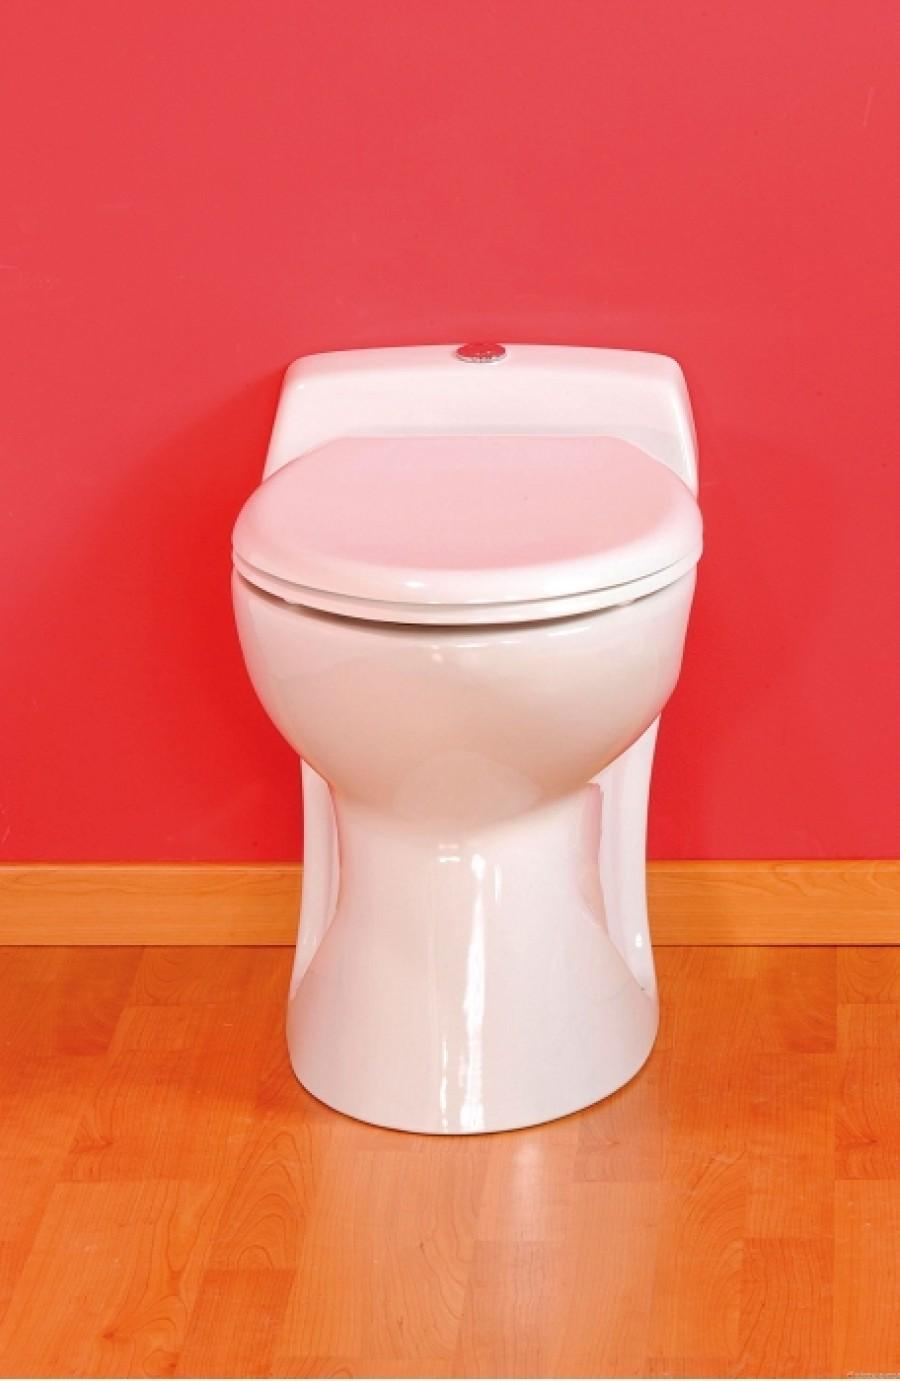 cuvette wc watermatic broyeur int gr w30 sp meuble de salle de bain douche. Black Bedroom Furniture Sets. Home Design Ideas